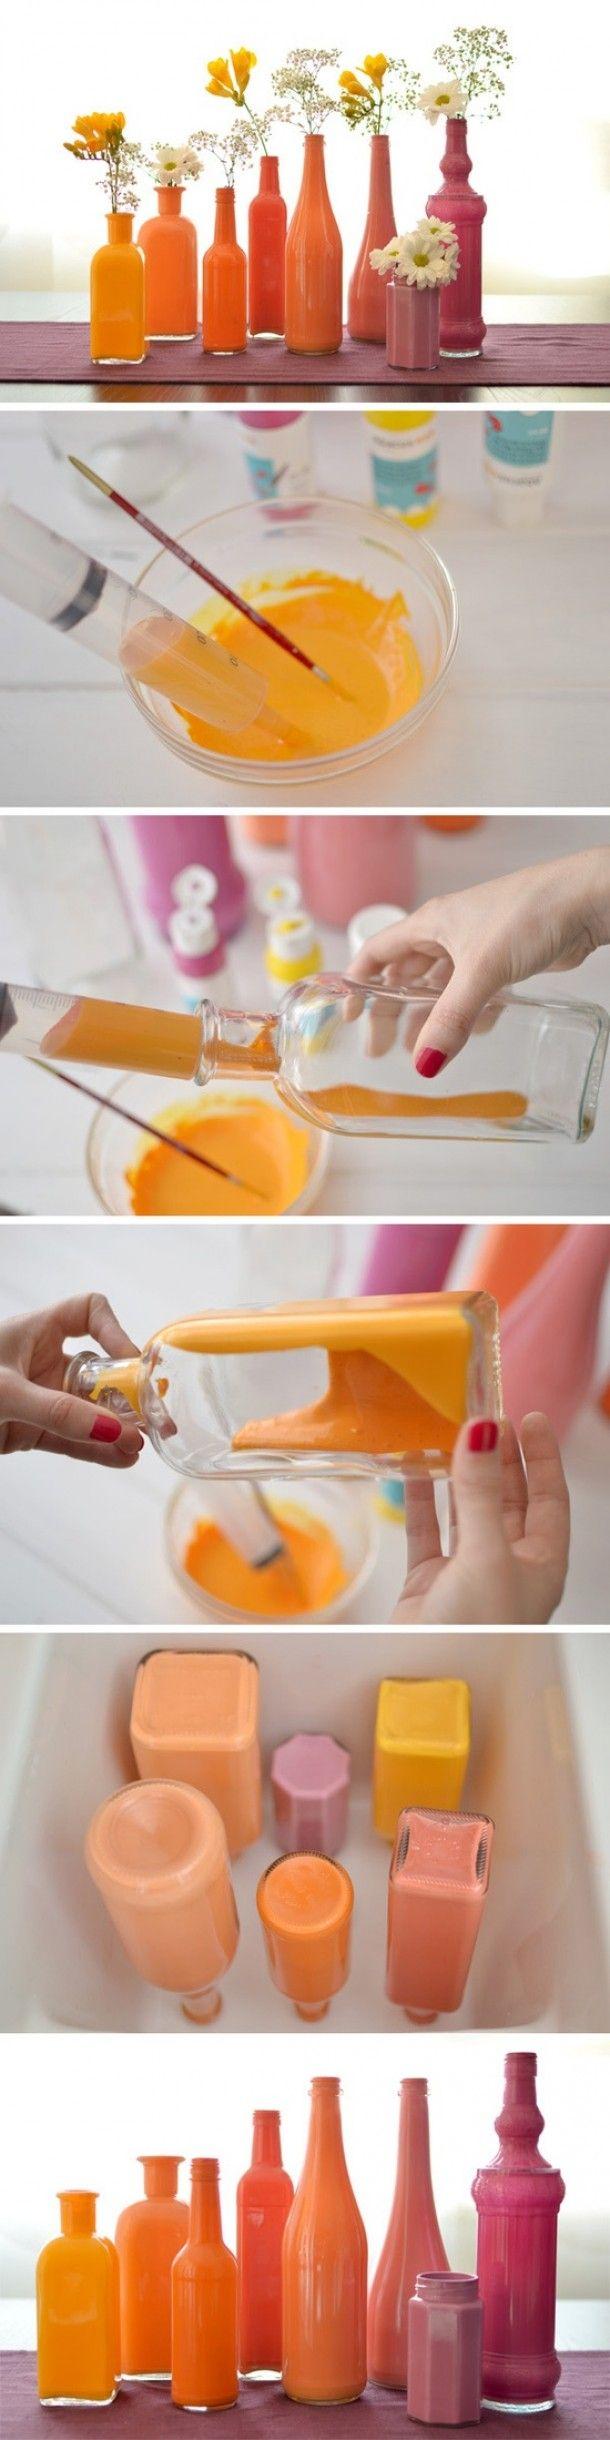 Glas vullen met (acryl) verf (verdund met water). Later niet vullen met water voor bloemetjes! (?)